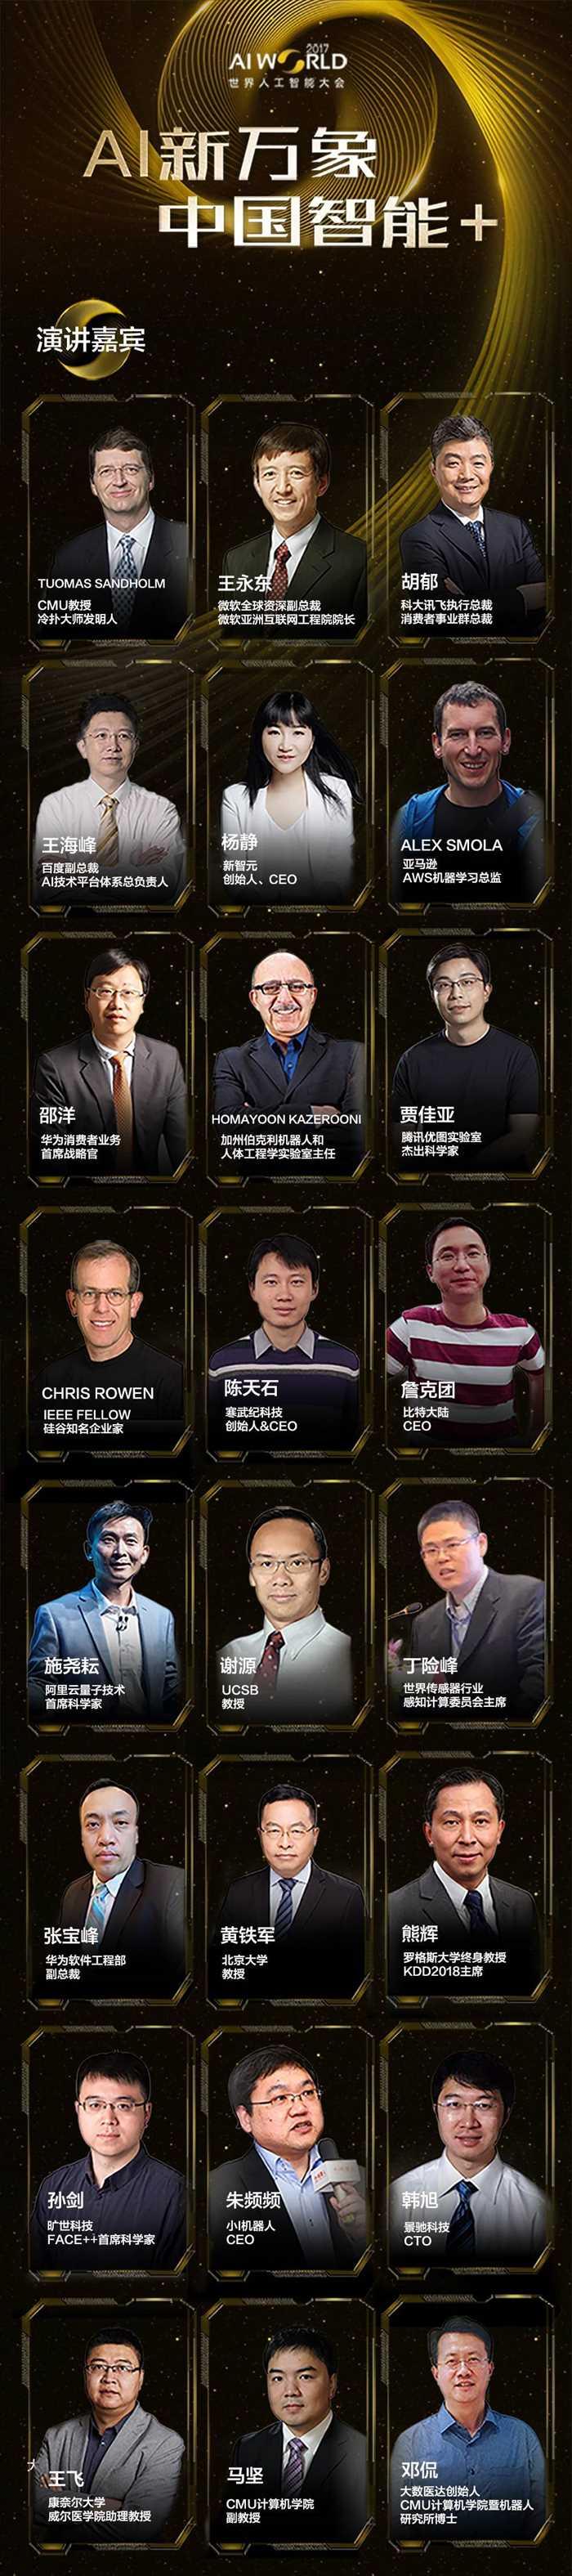 新智元 活动嘉宾.jpg